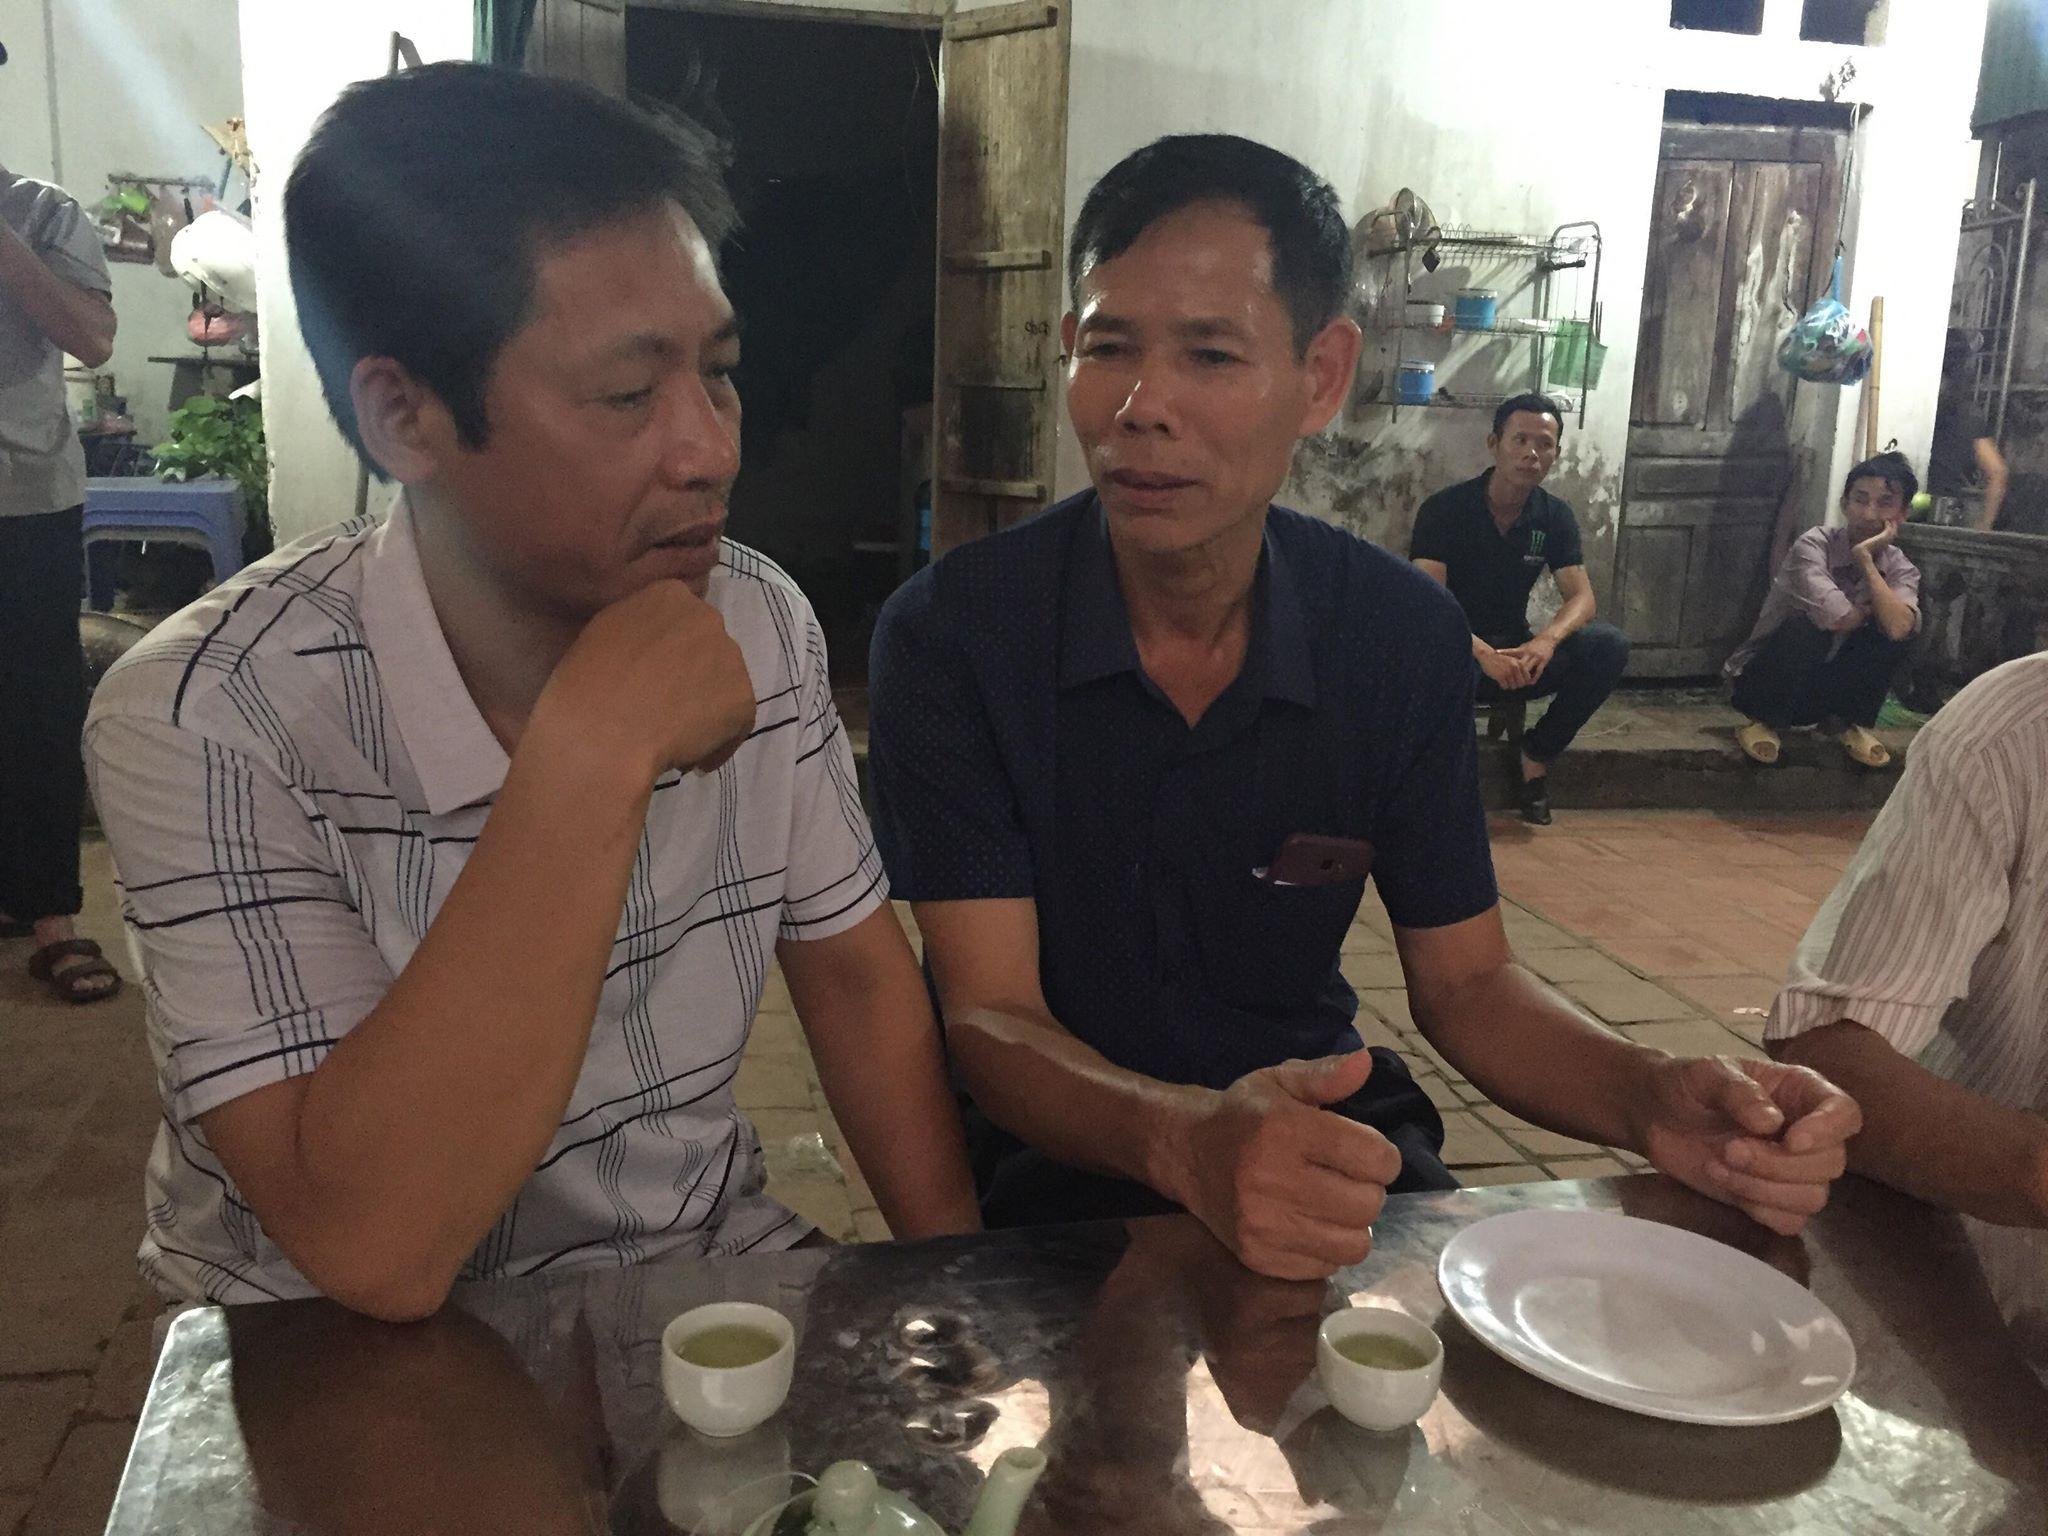 Hàng xóm bàng hoàng, xót xa trong đại tang của gia đình có 5 người bị chém thương vong ở Hà Nội - Ảnh 1